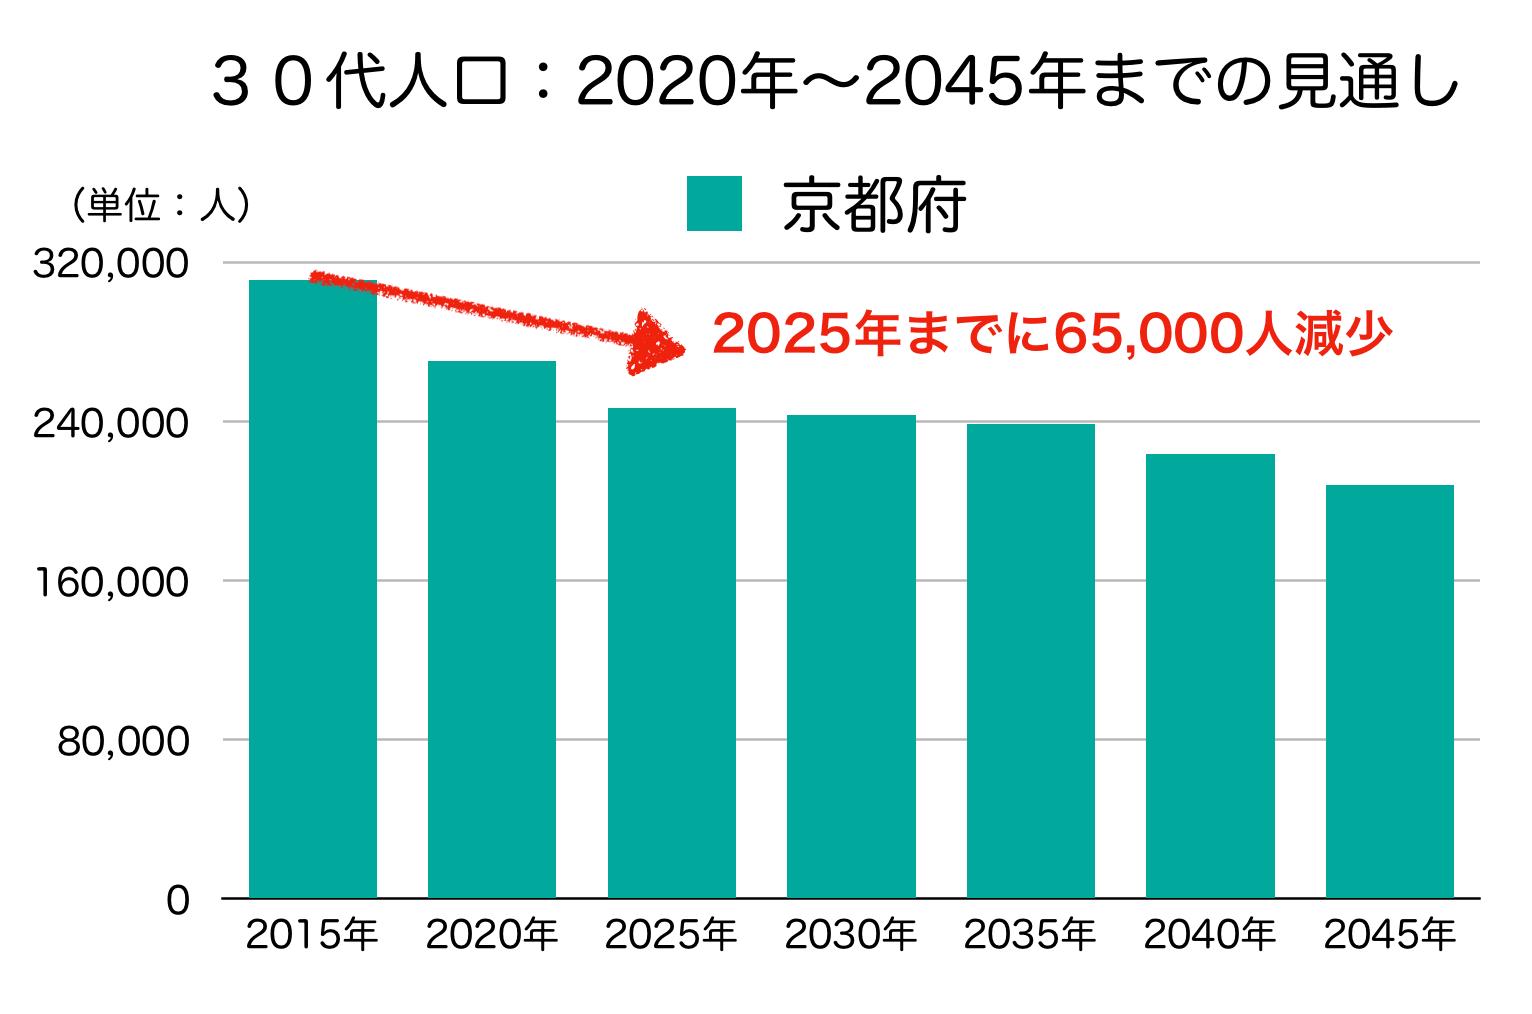 京都府の30代人口の予測